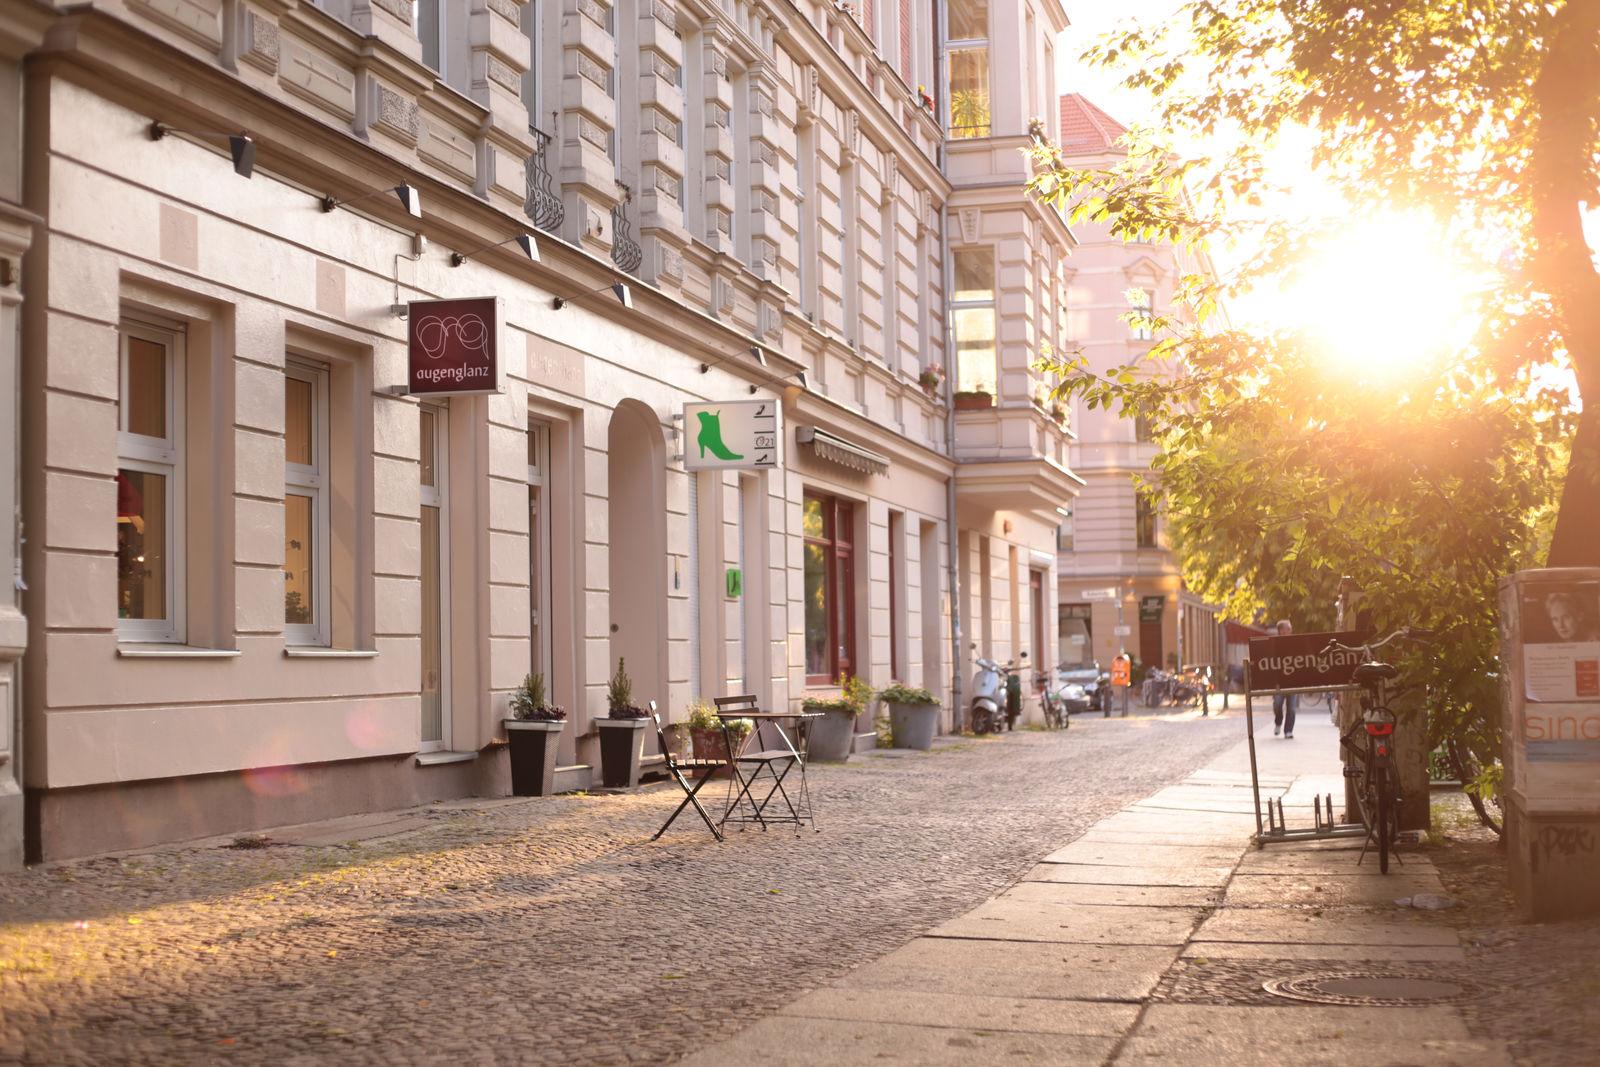 Augenglanz in Berlin (Bild 7)